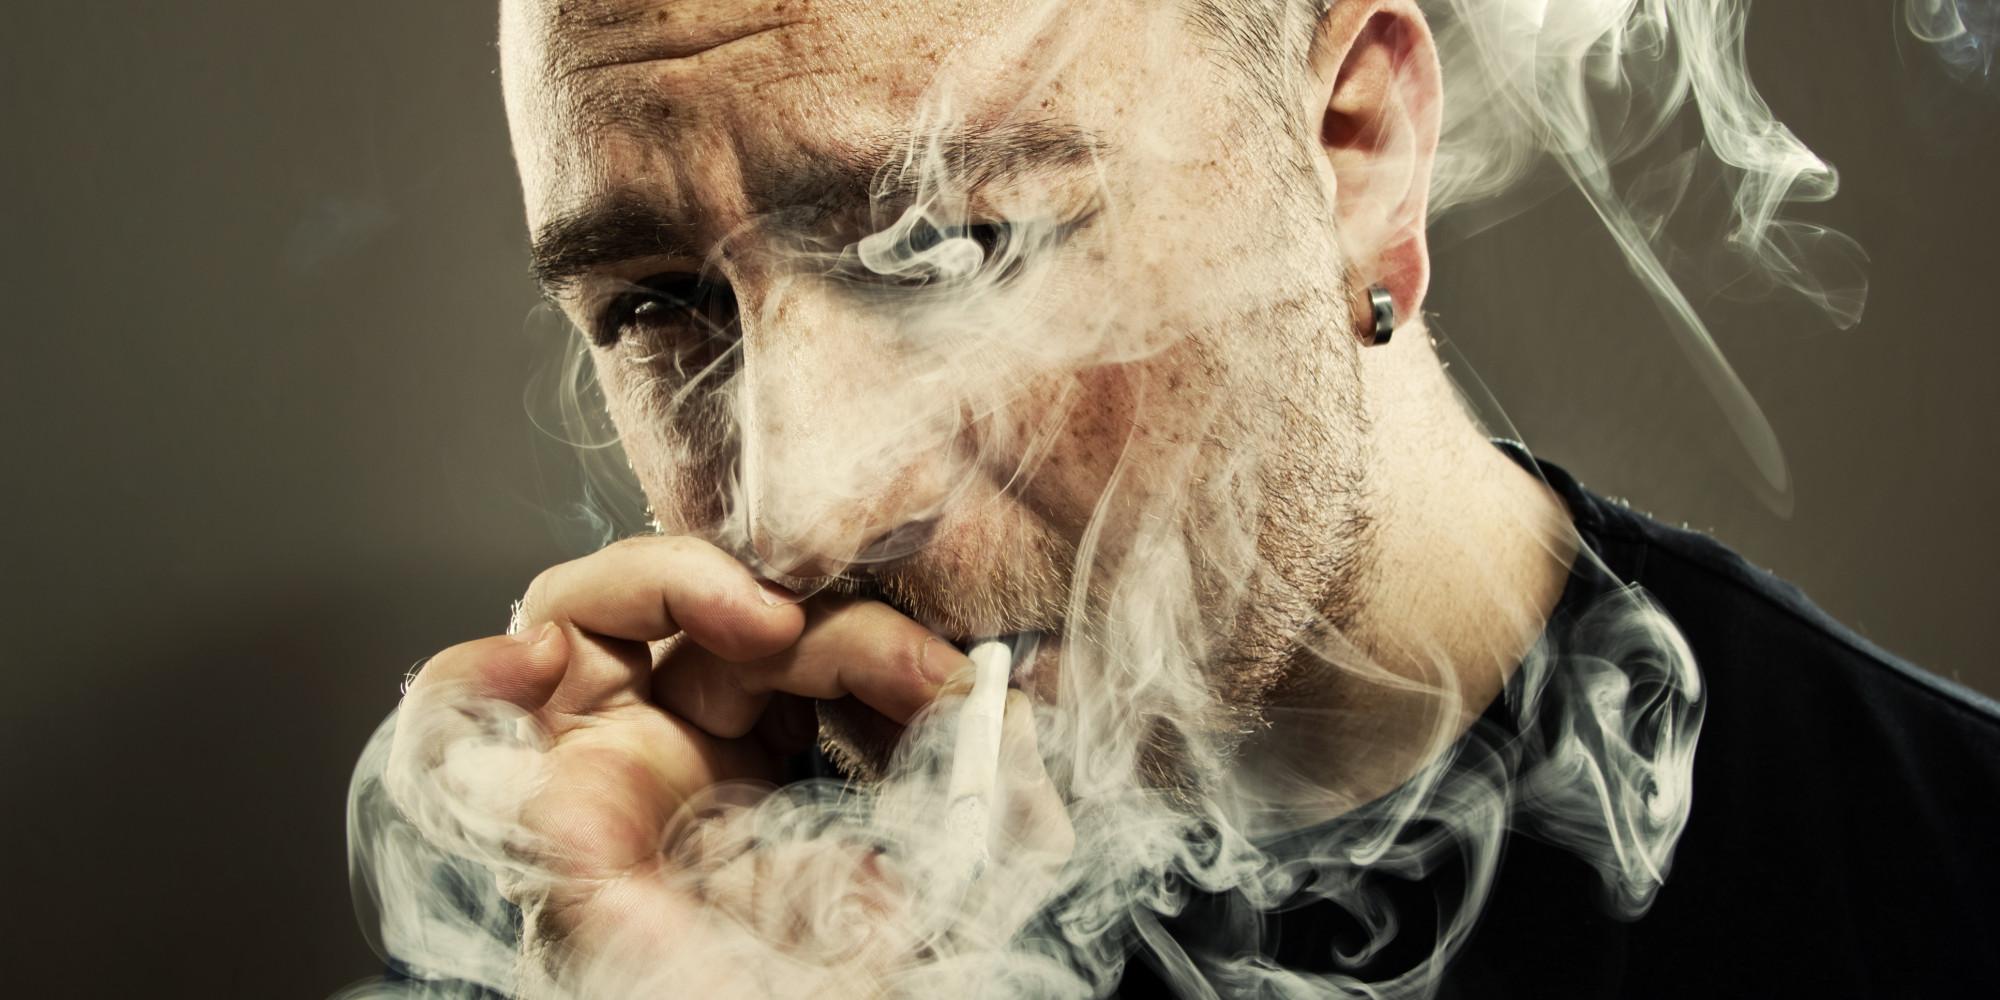 naked guy smoking weed